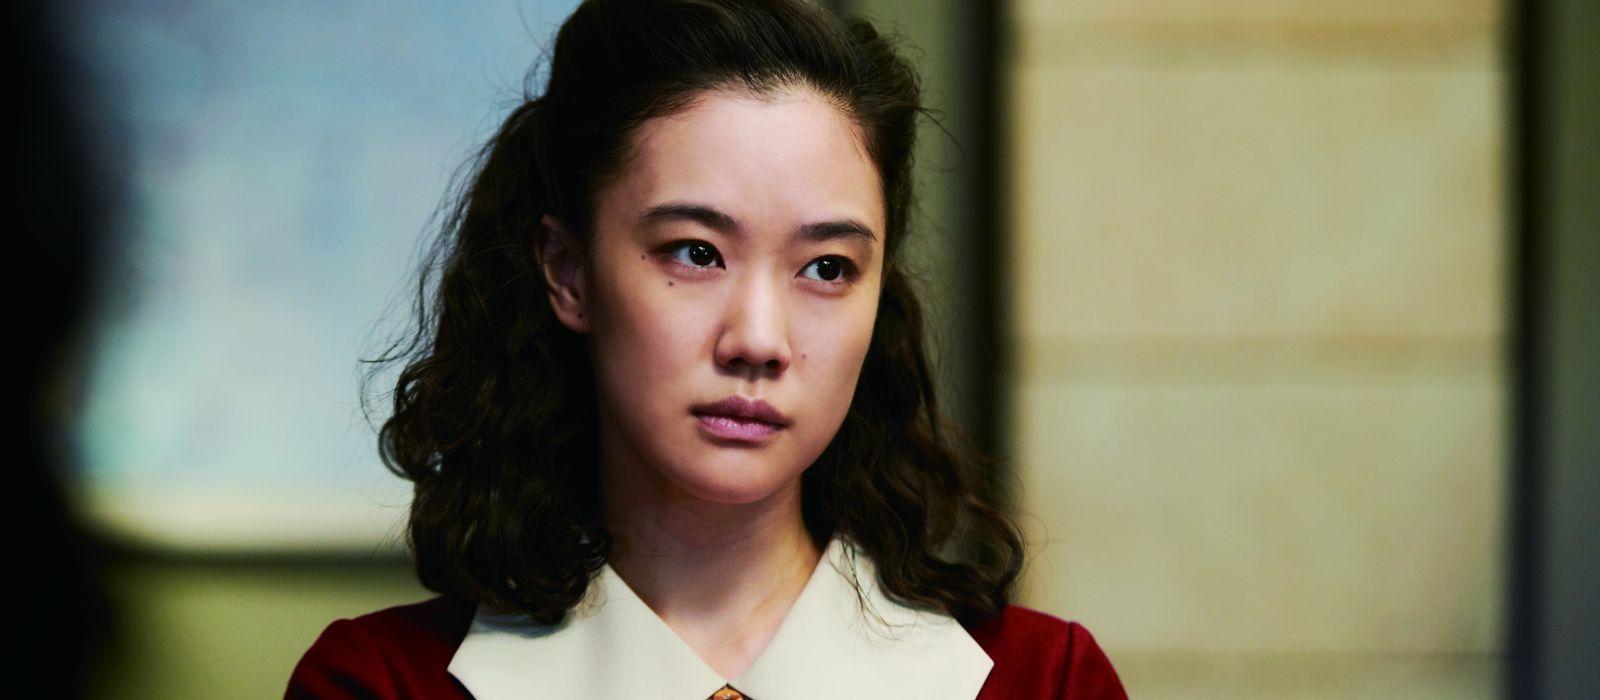 La mujer del espía, dirigida por Kiyoshi Kurosawa. BCN Film Fest 2021